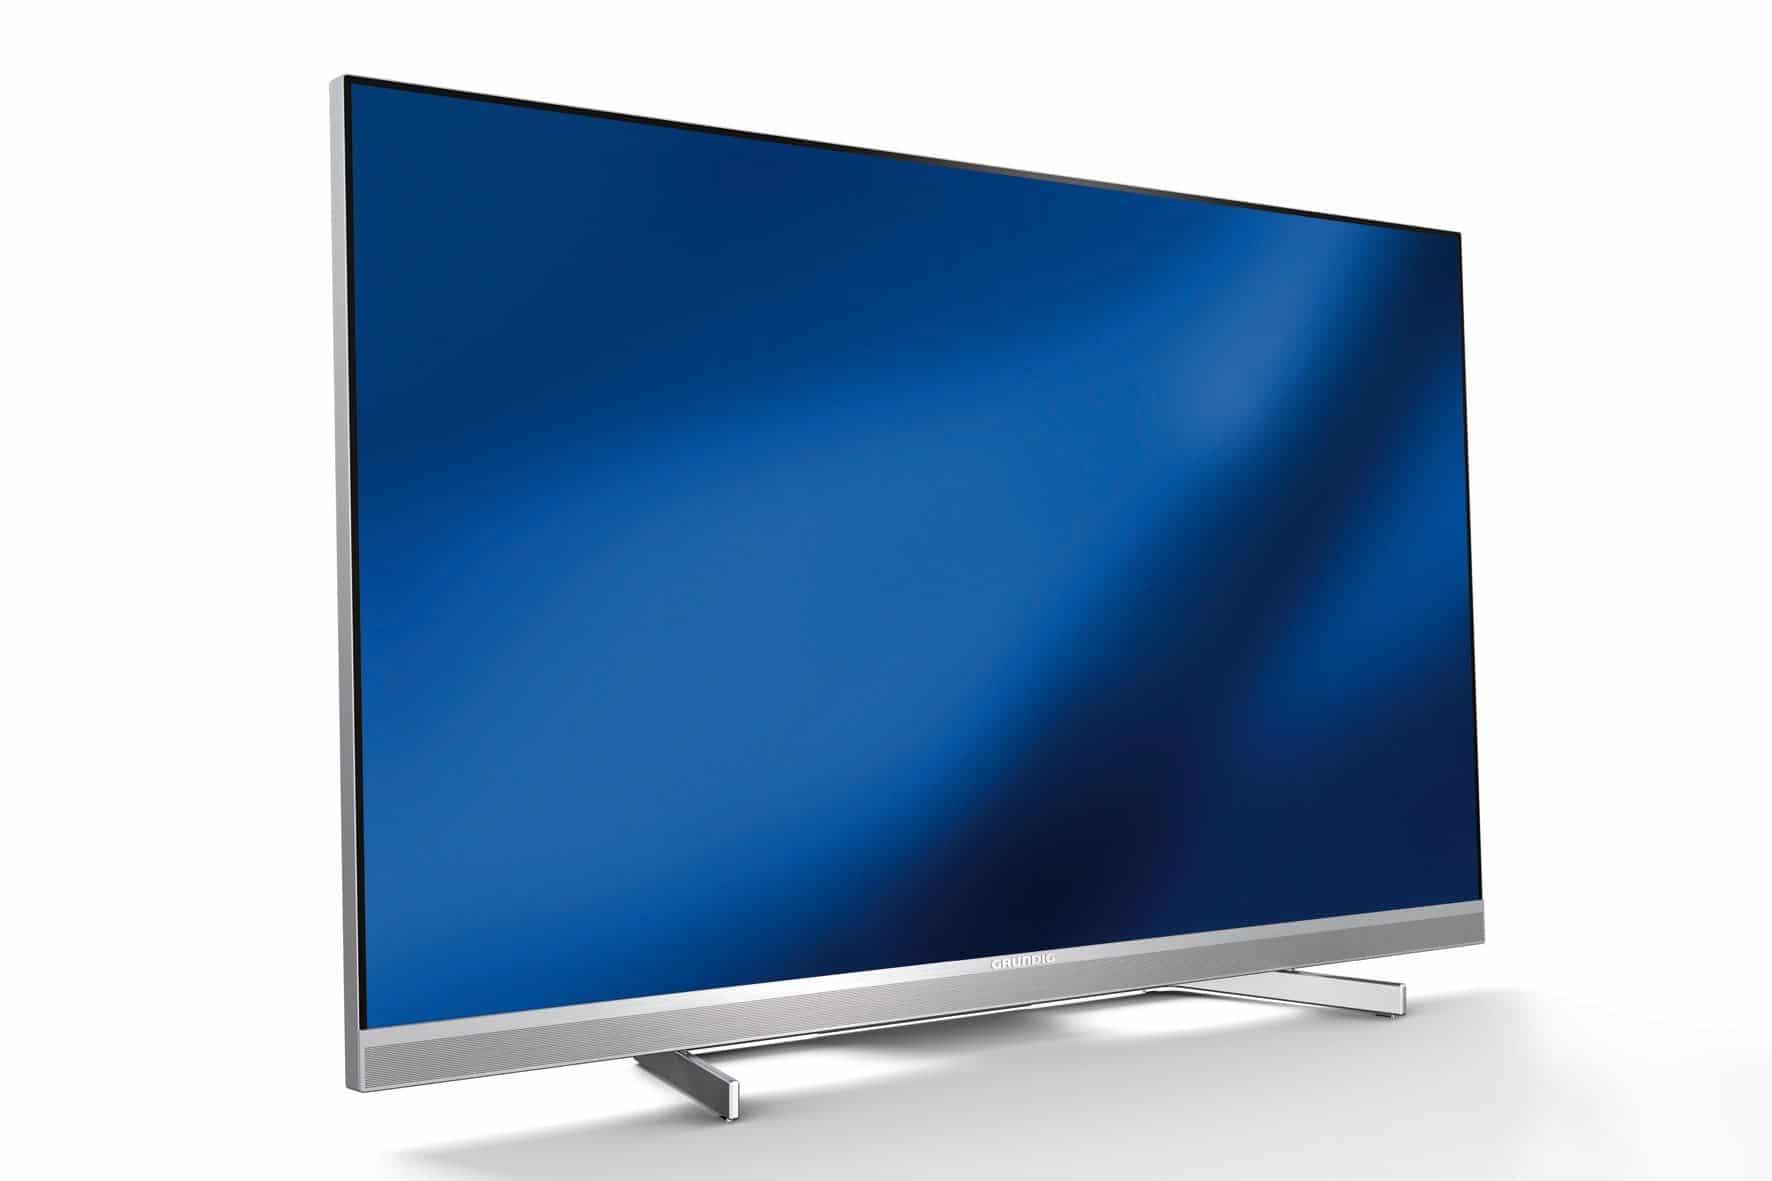 Grundig Fine Arts 4K Fernseher mit Ultra HD Auflösung